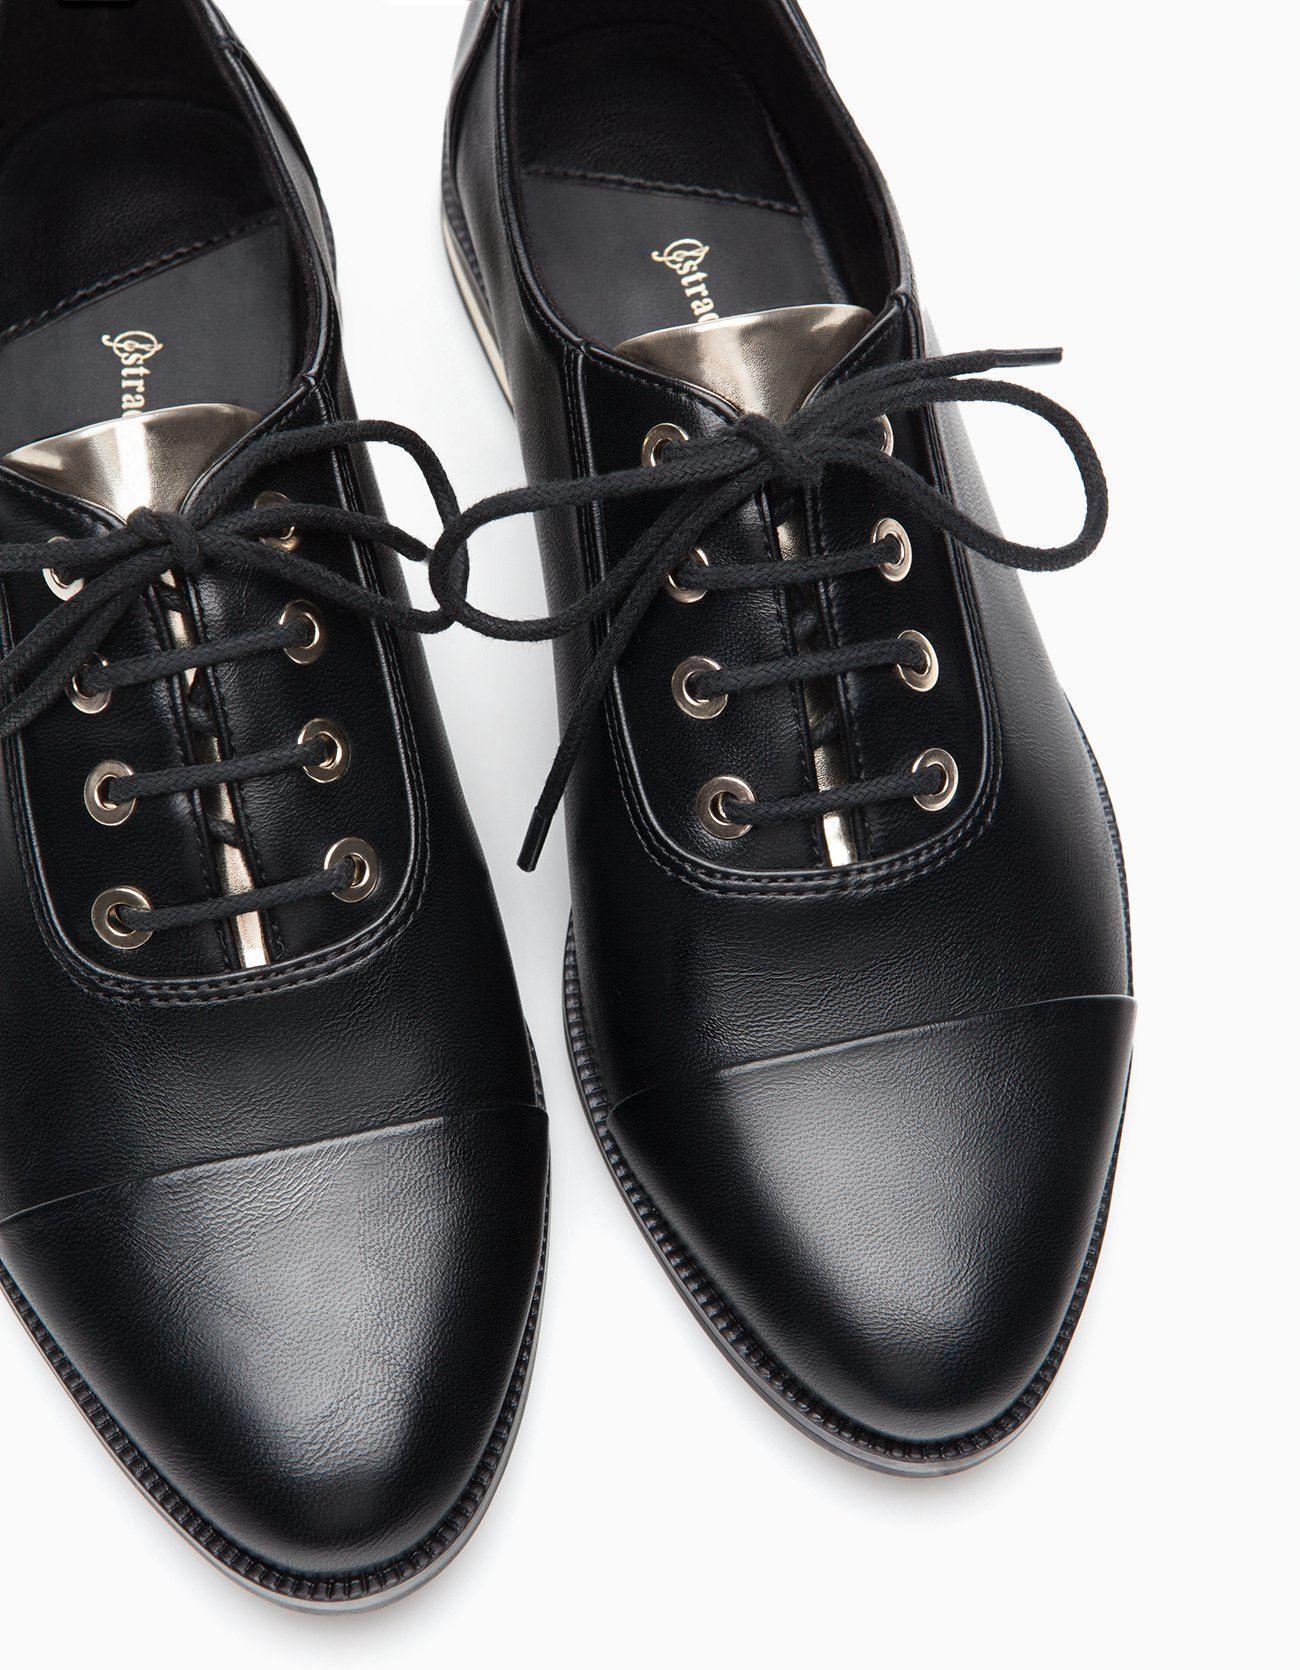 Modne Buty Z Sieciowek Trendy Jesien Zima 2015 2016 Chic Shoes Fashion Shoes Gothic Shoes